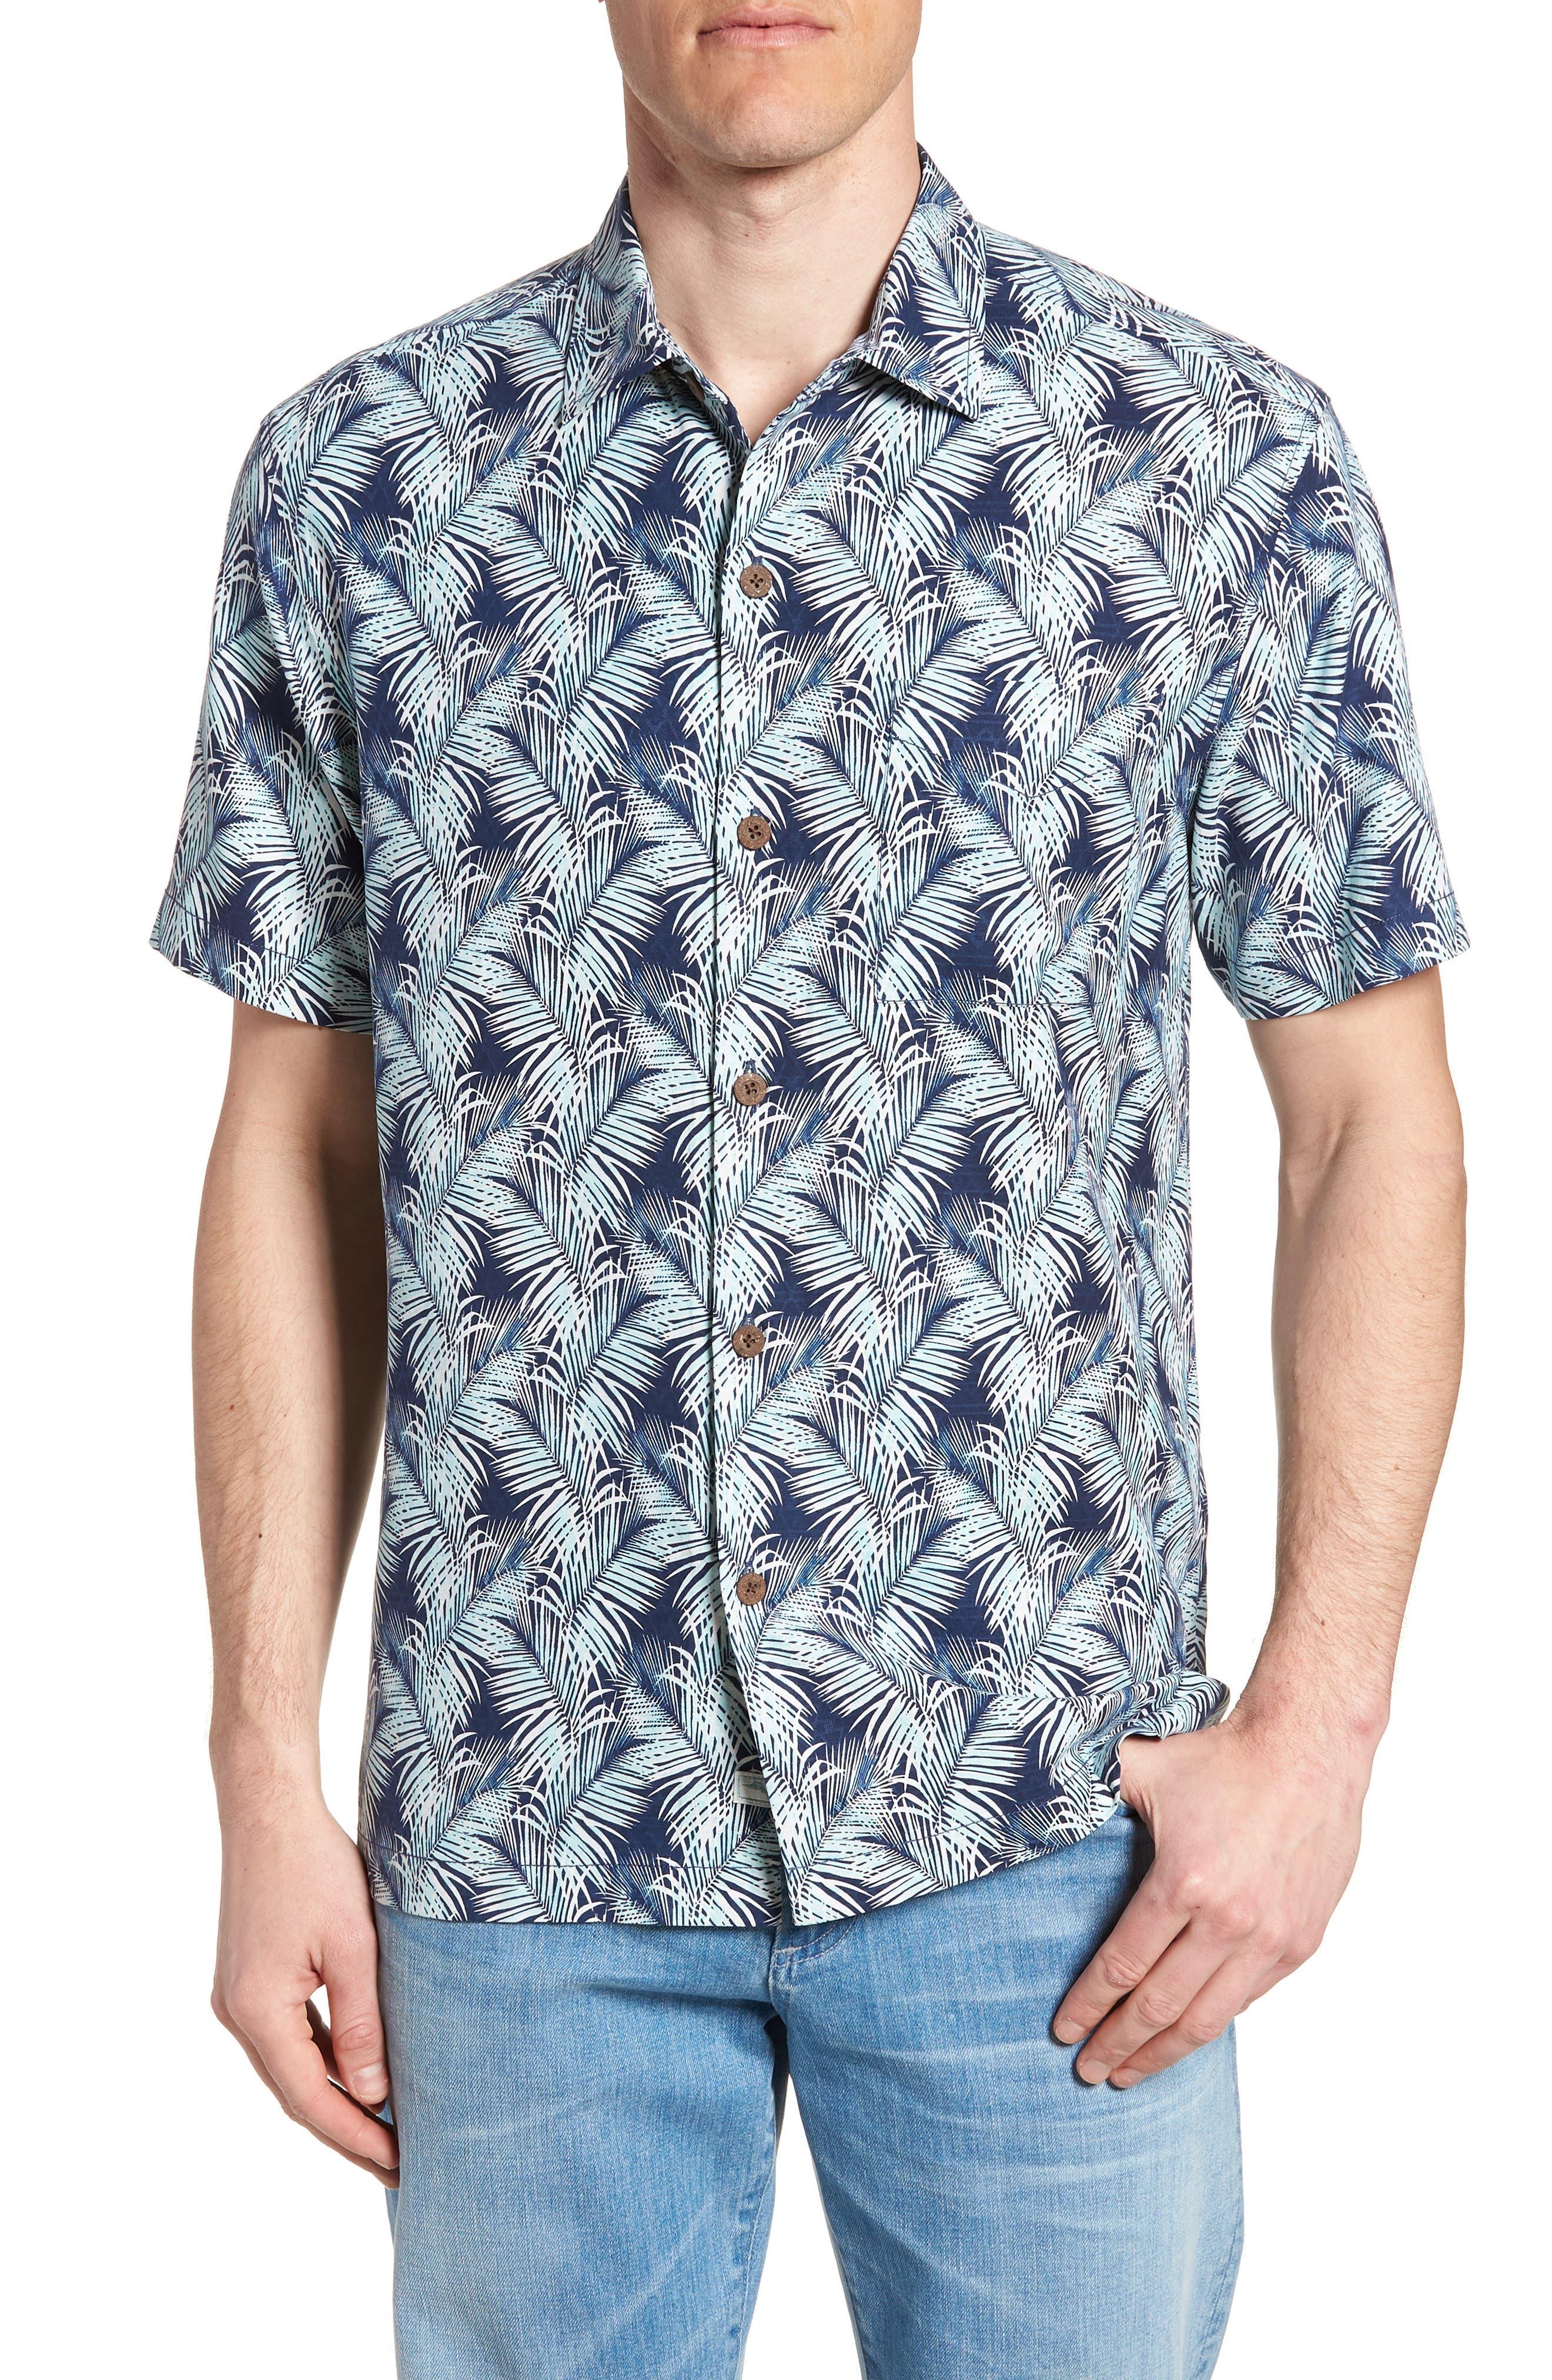 Palms of Tulum Silk Camp Shirt,                         Main,                         color, Ocean Deep